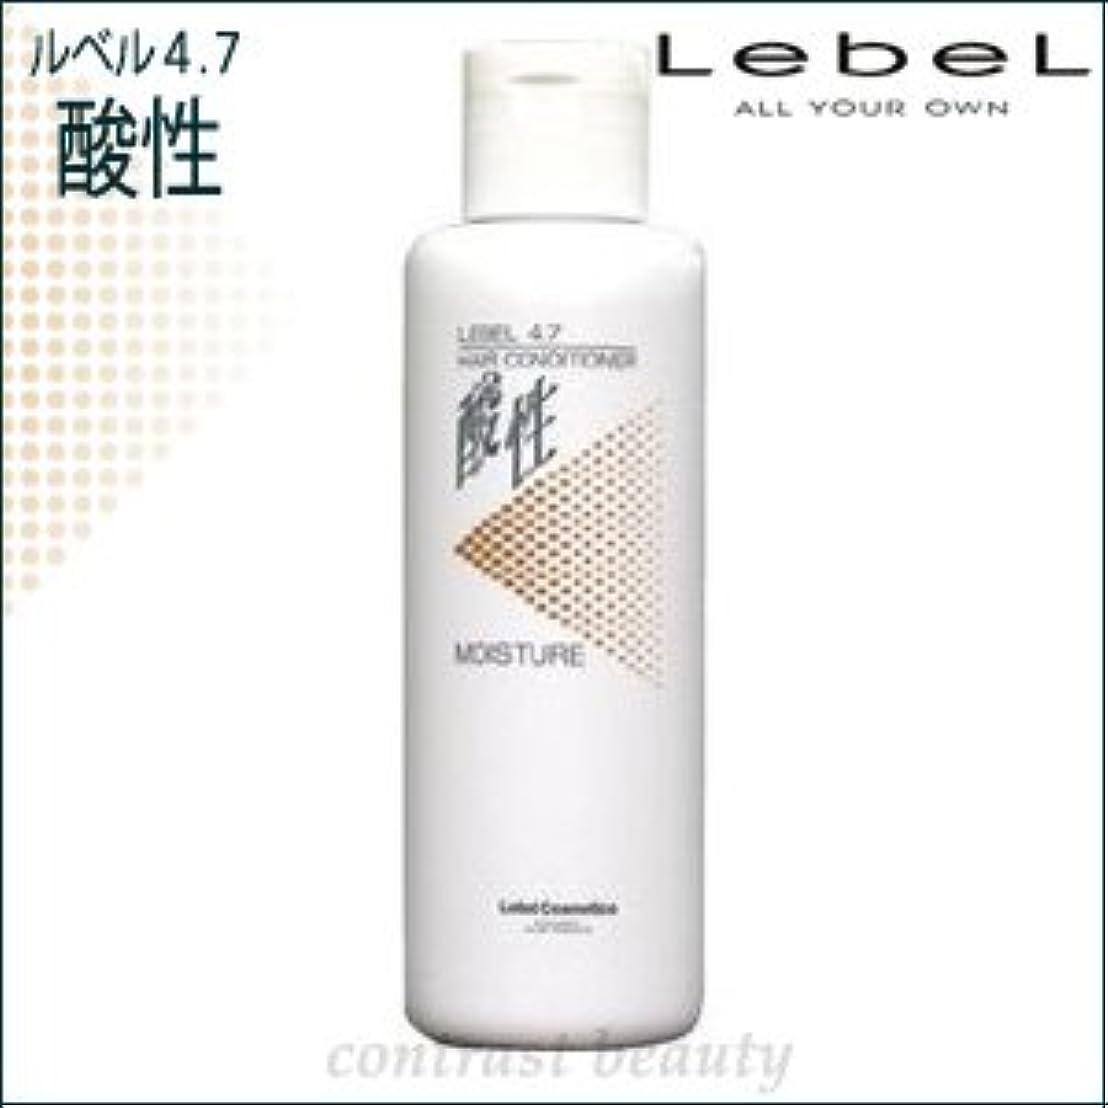 ネックレス海里周波数【X2個セット】 ルベル/LebeL 4.7酸性 モイスチャーコンディショナー 250ml